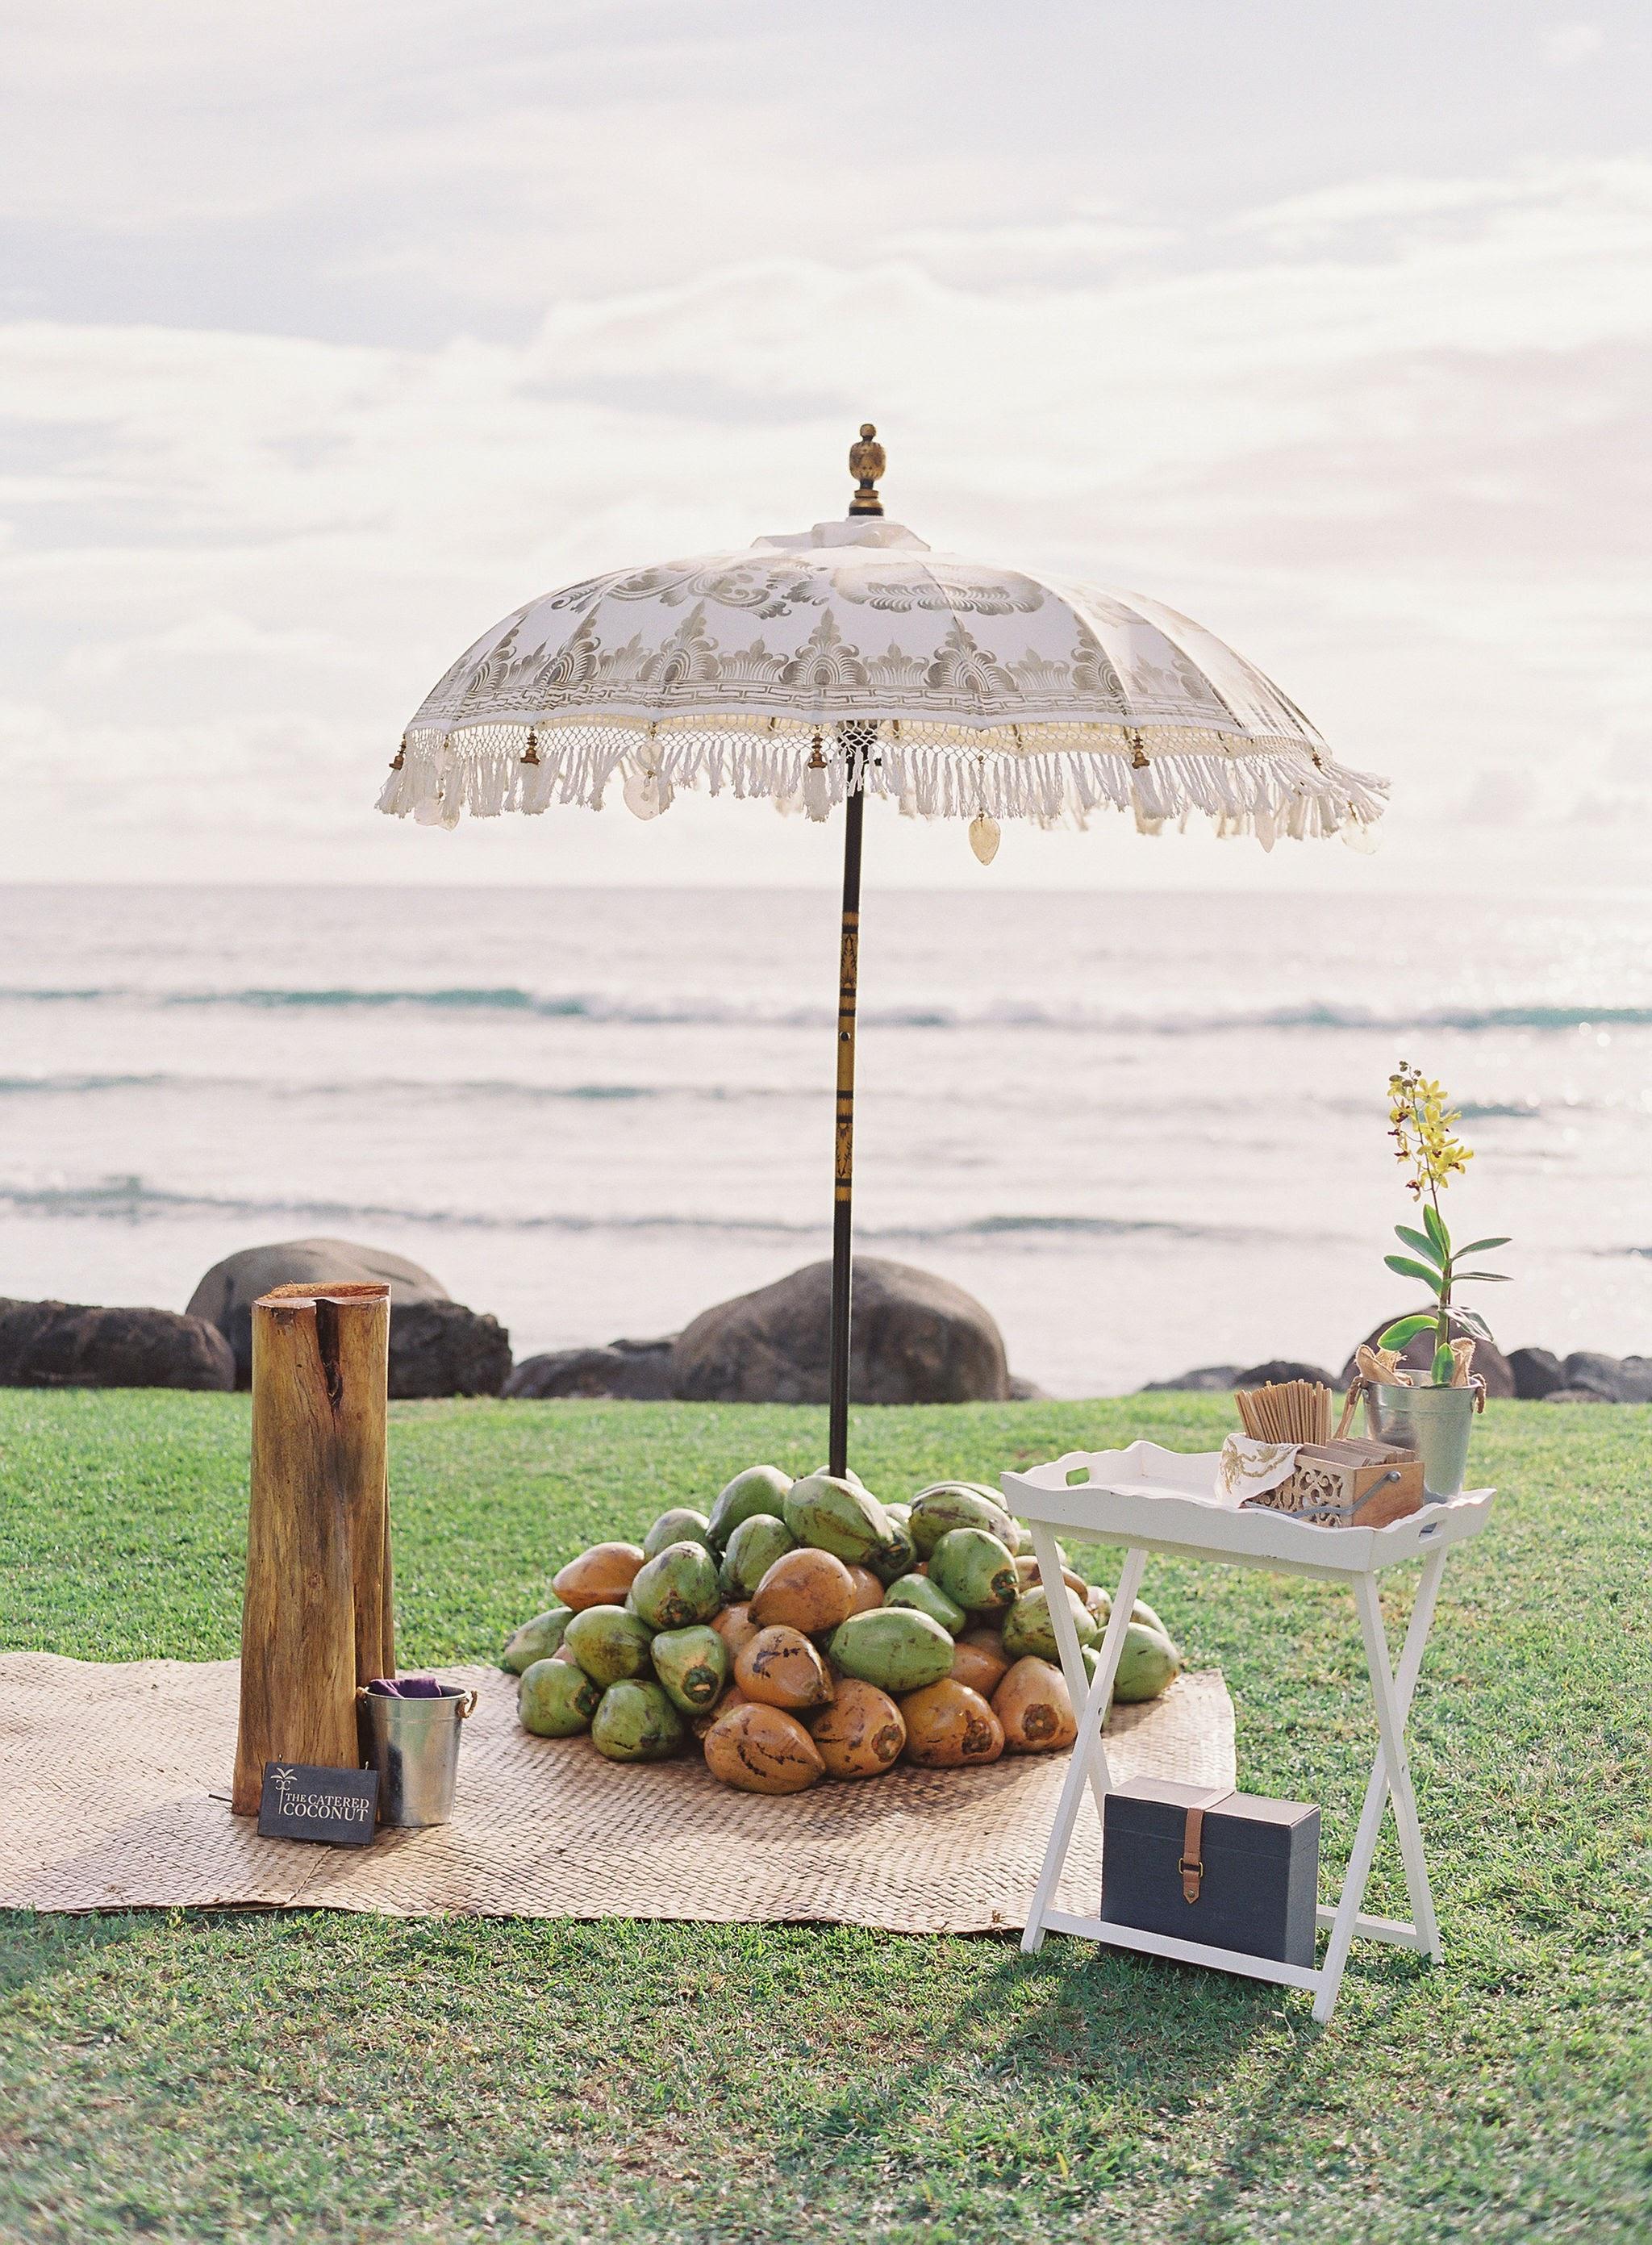 Maui coconut station